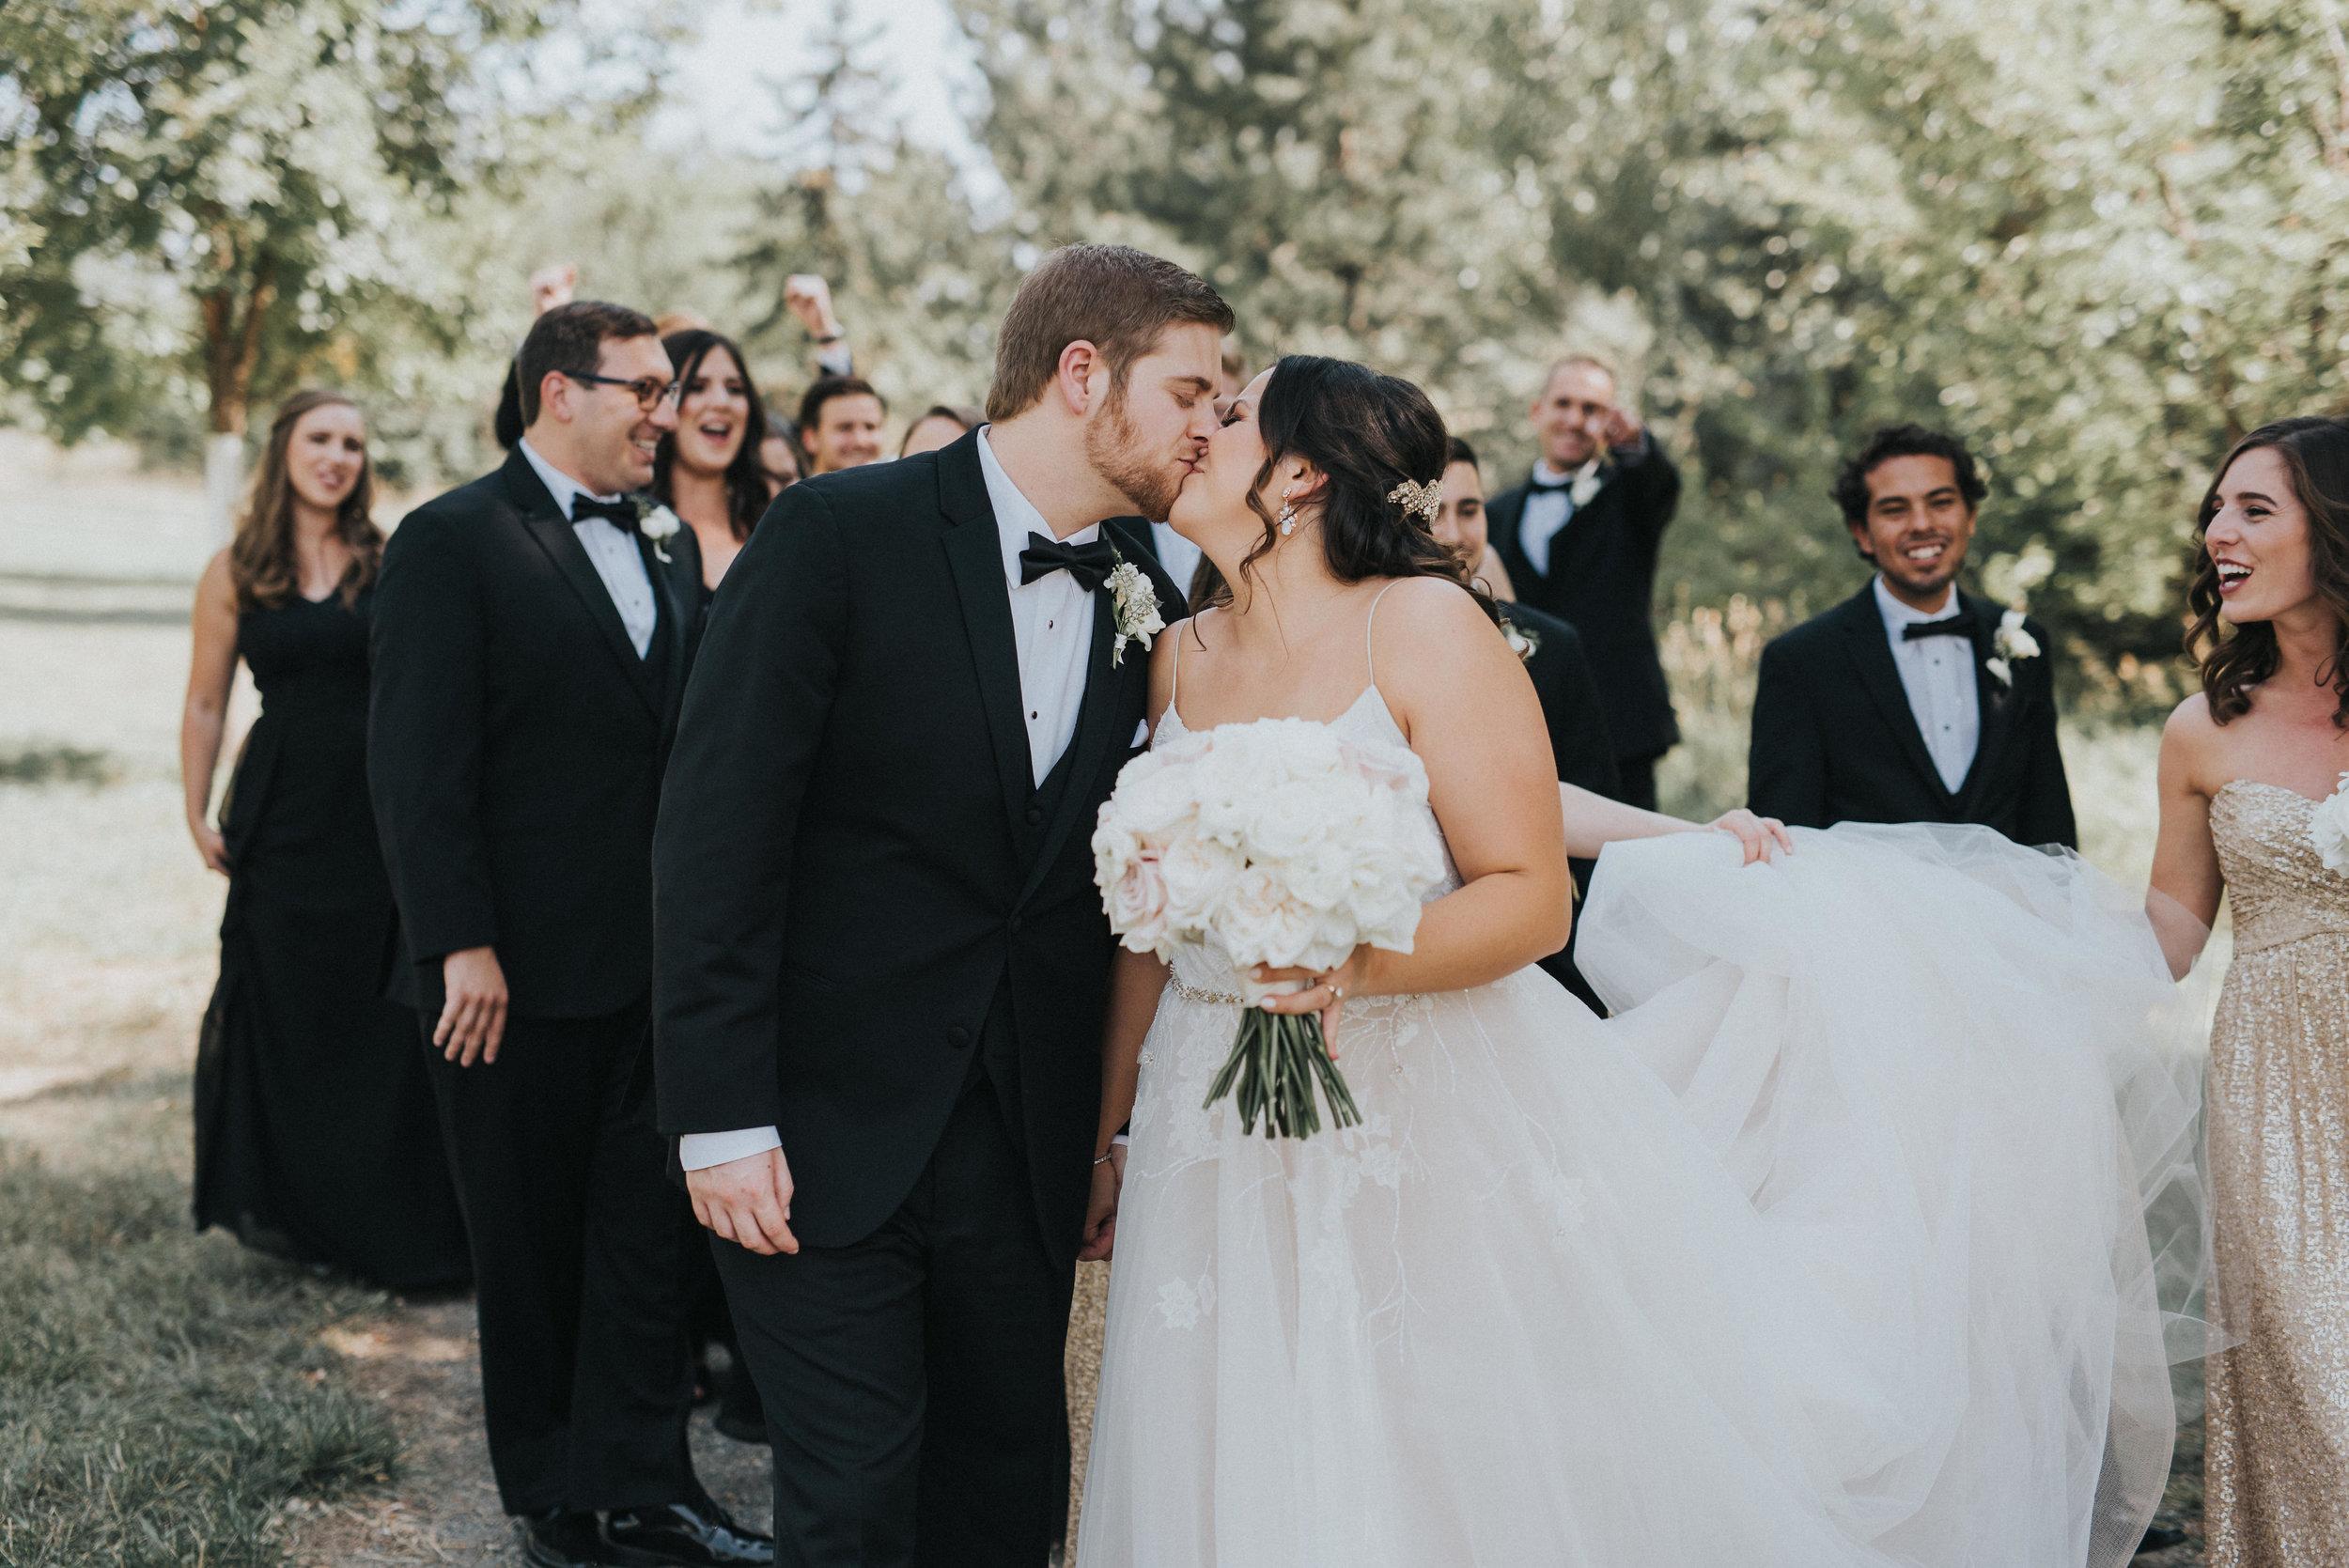 kayla_sammy_wedding-258.jpg